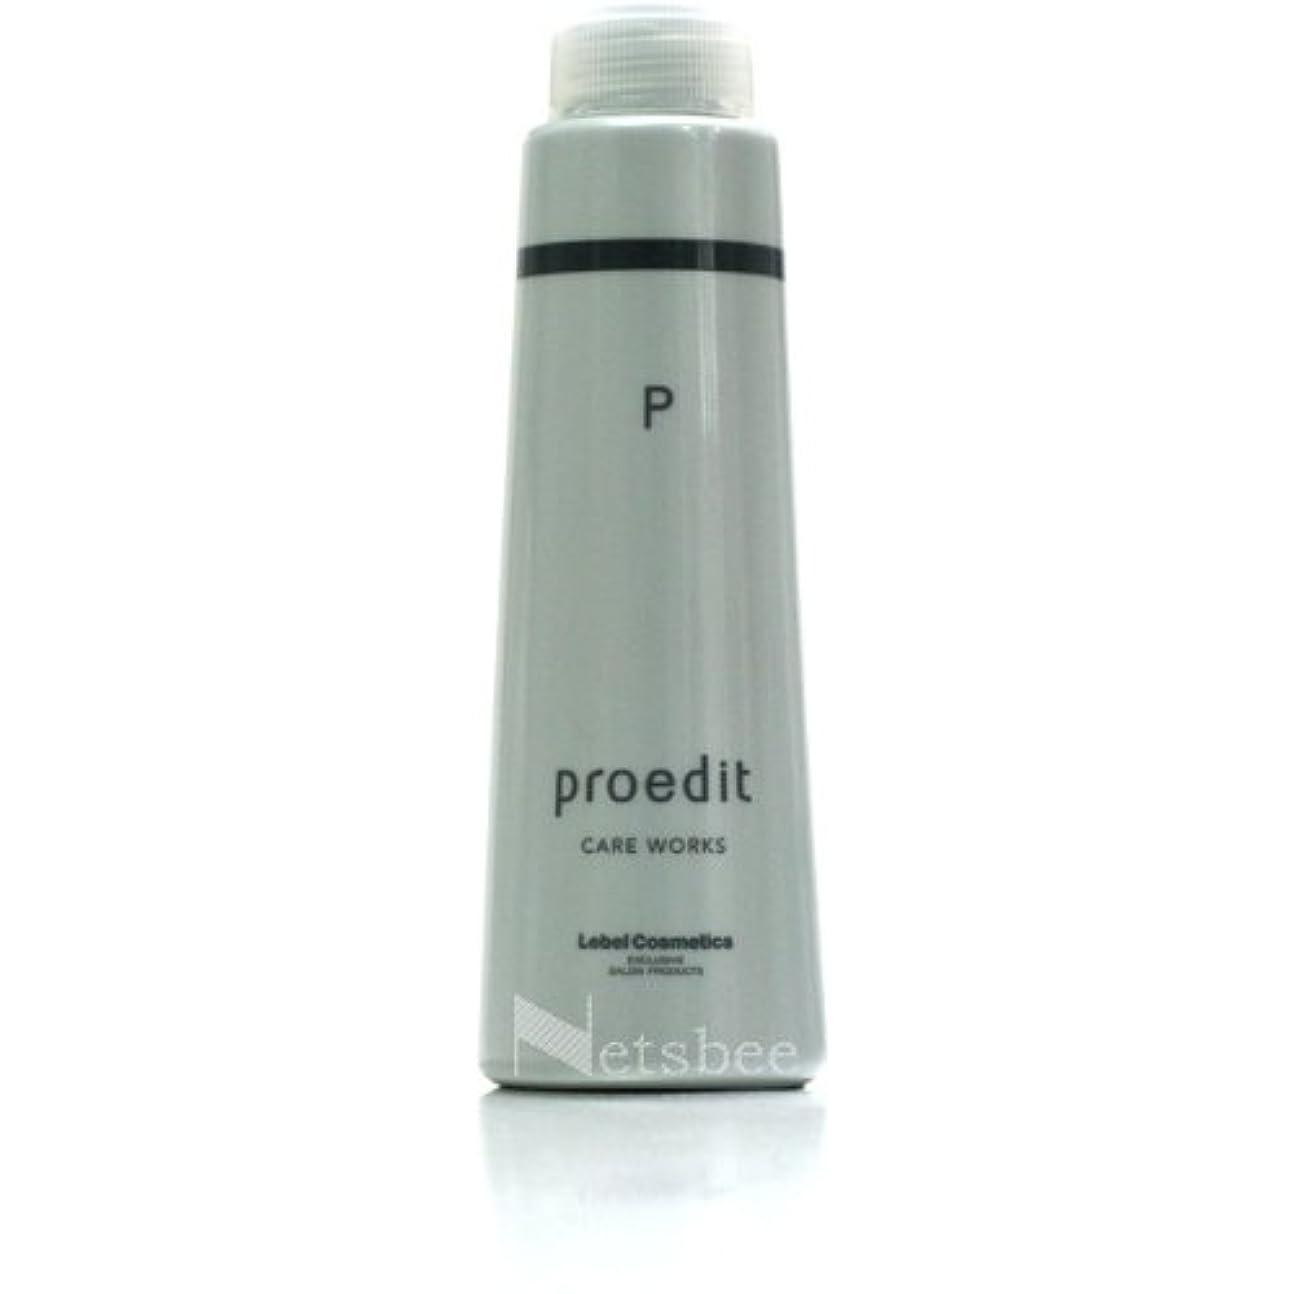 露出度の高い第三消毒するプロエディット ケアワークス PPT(150ml)